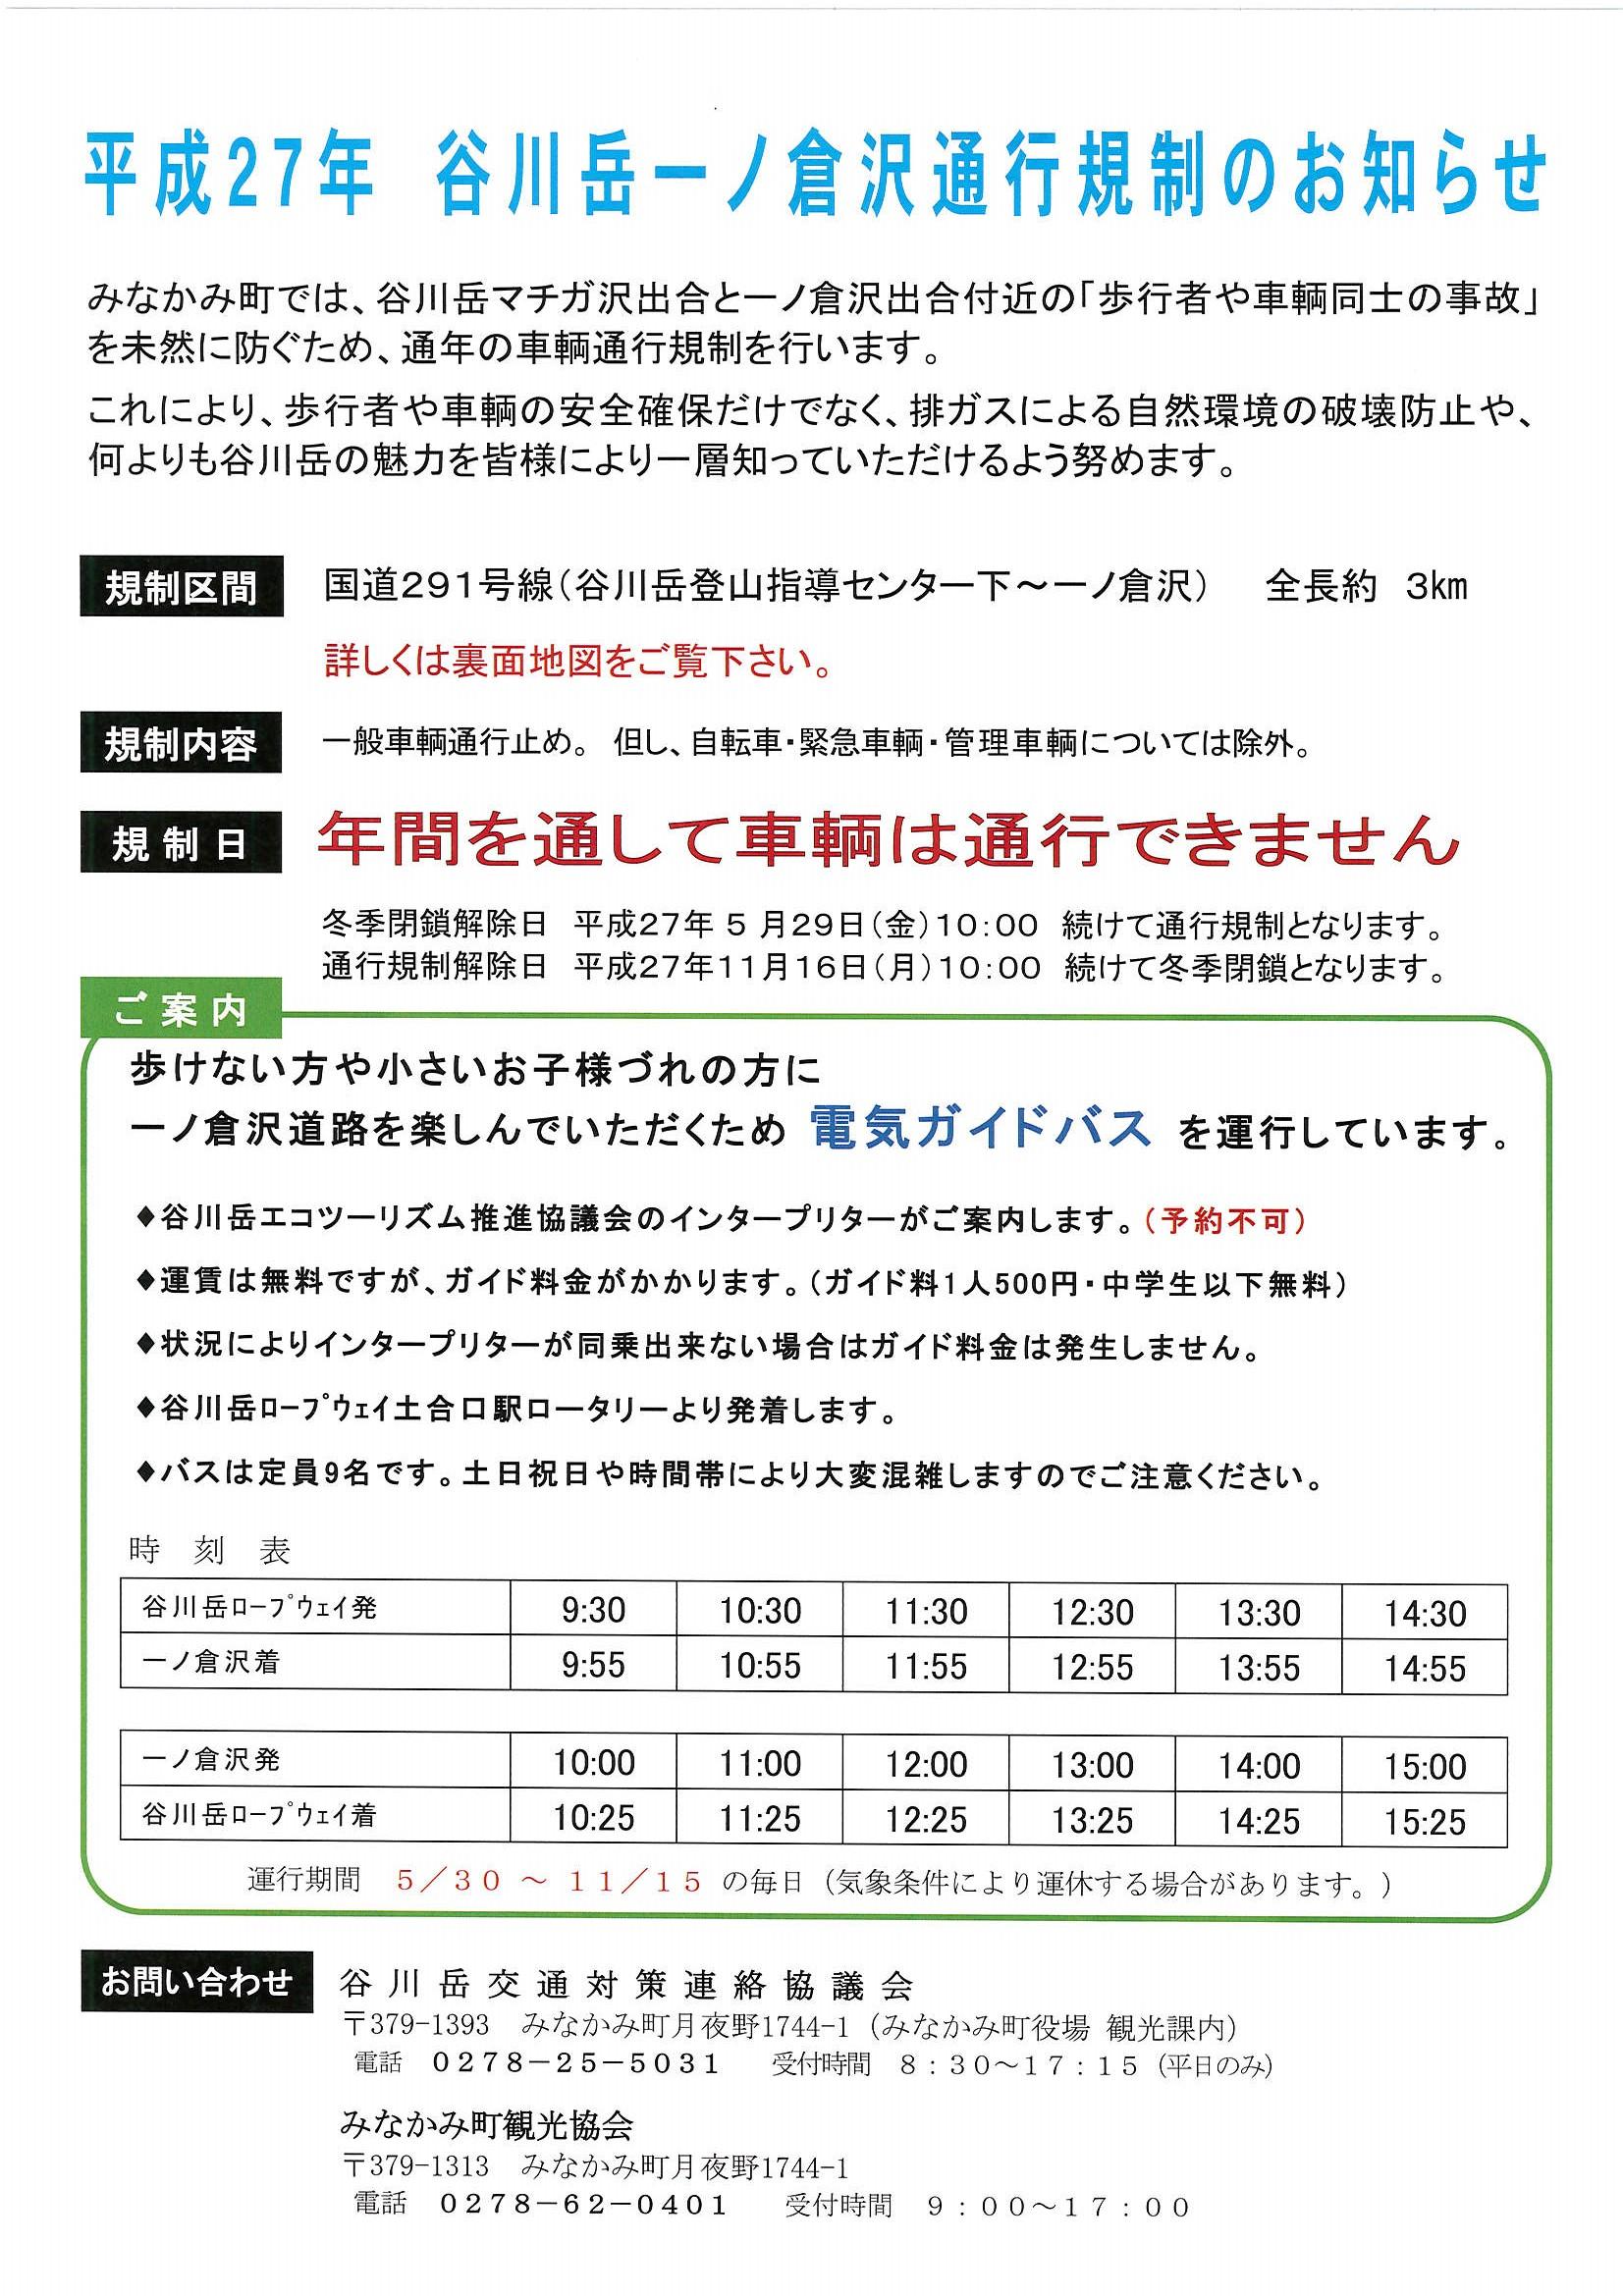 谷川岳一ノ倉沢 通行規制のお知らせ